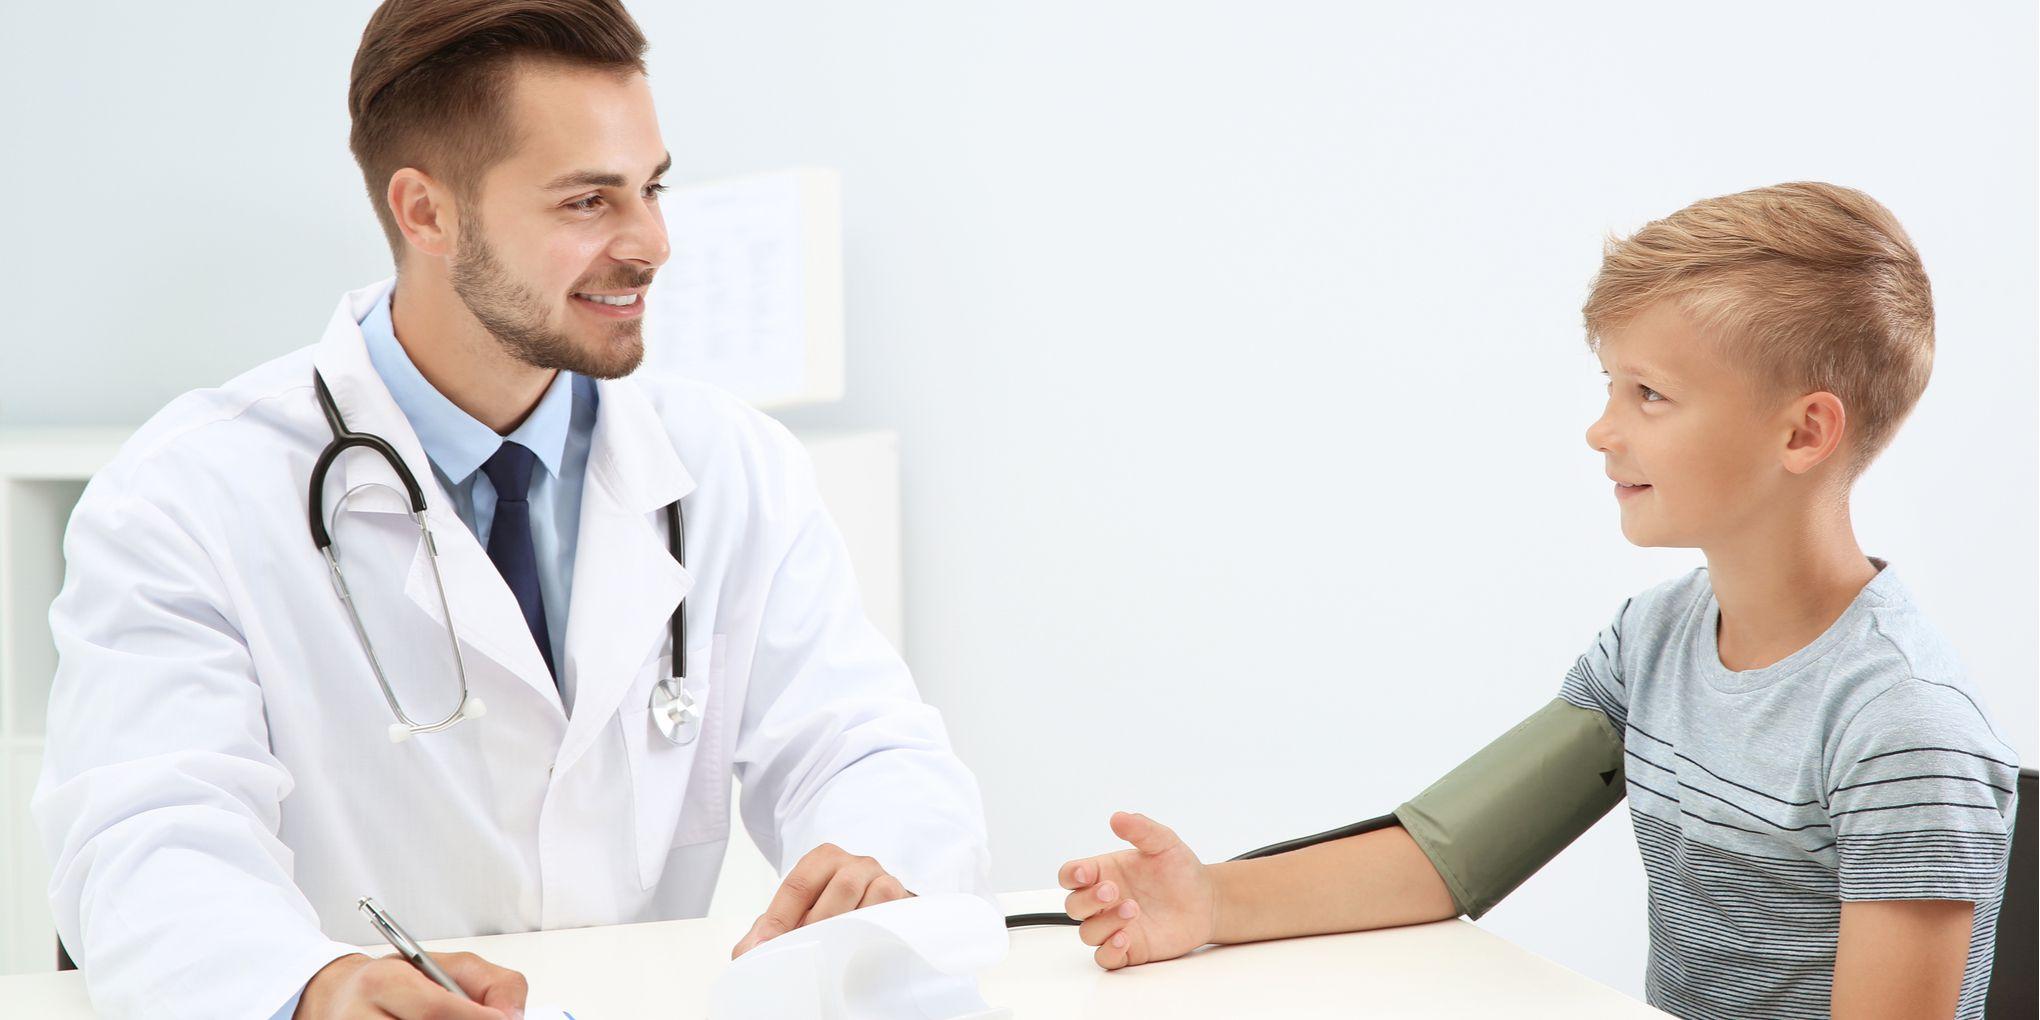 izometričke vježbe hipertenzija)